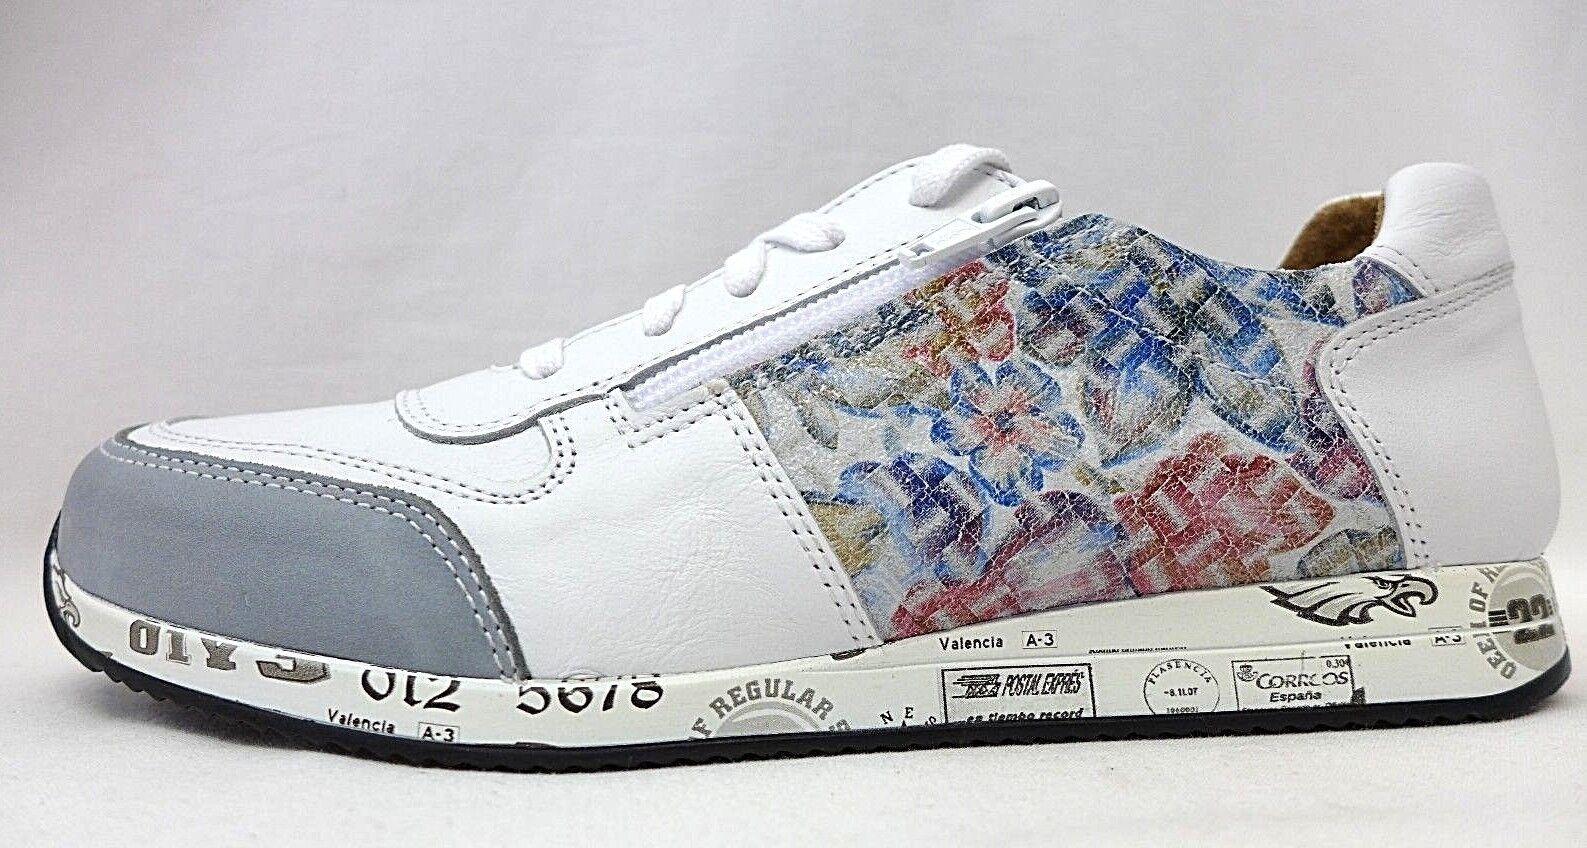 Dyou Sneaker Damenschuhe weiss Größe 39 41 46715 Echtes Leder lose Einlage NEU